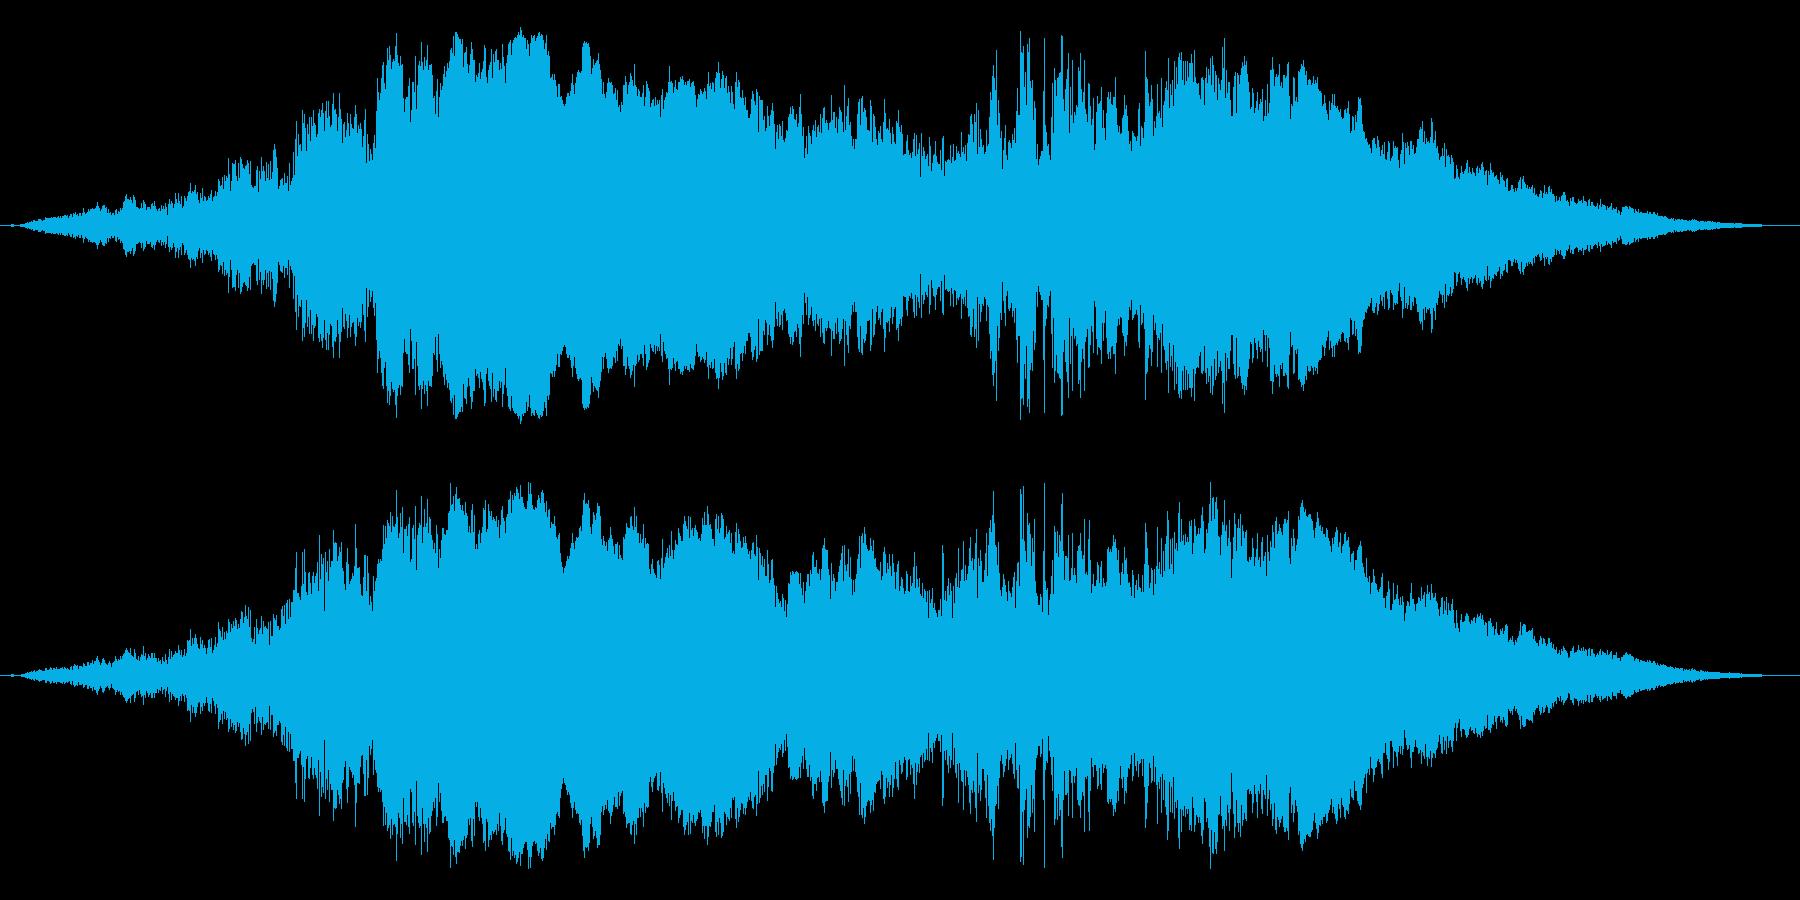 ド迫力のレース/車のエンジン効果音!3の再生済みの波形